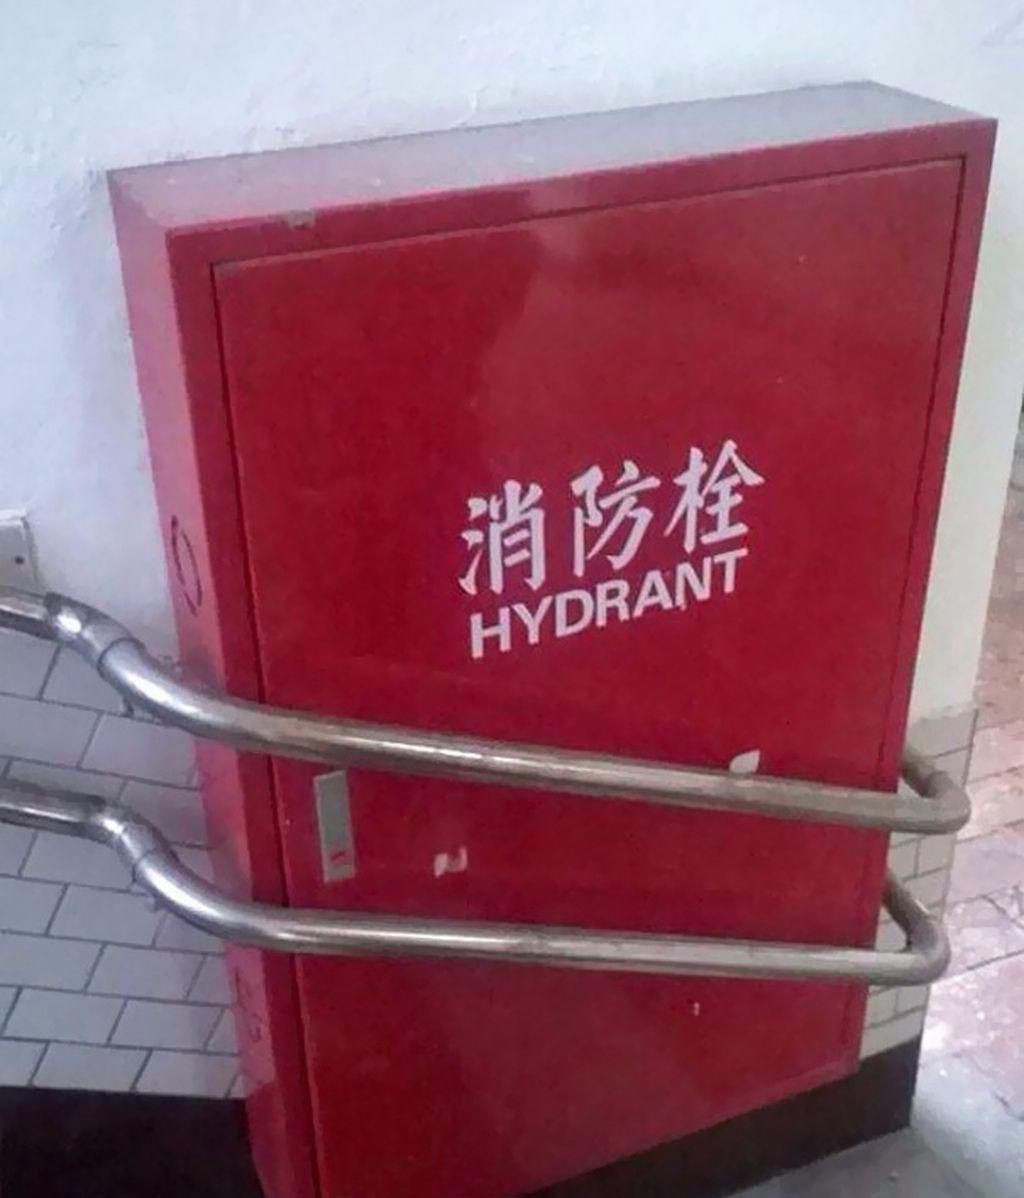 Una boca de incendios nada útil